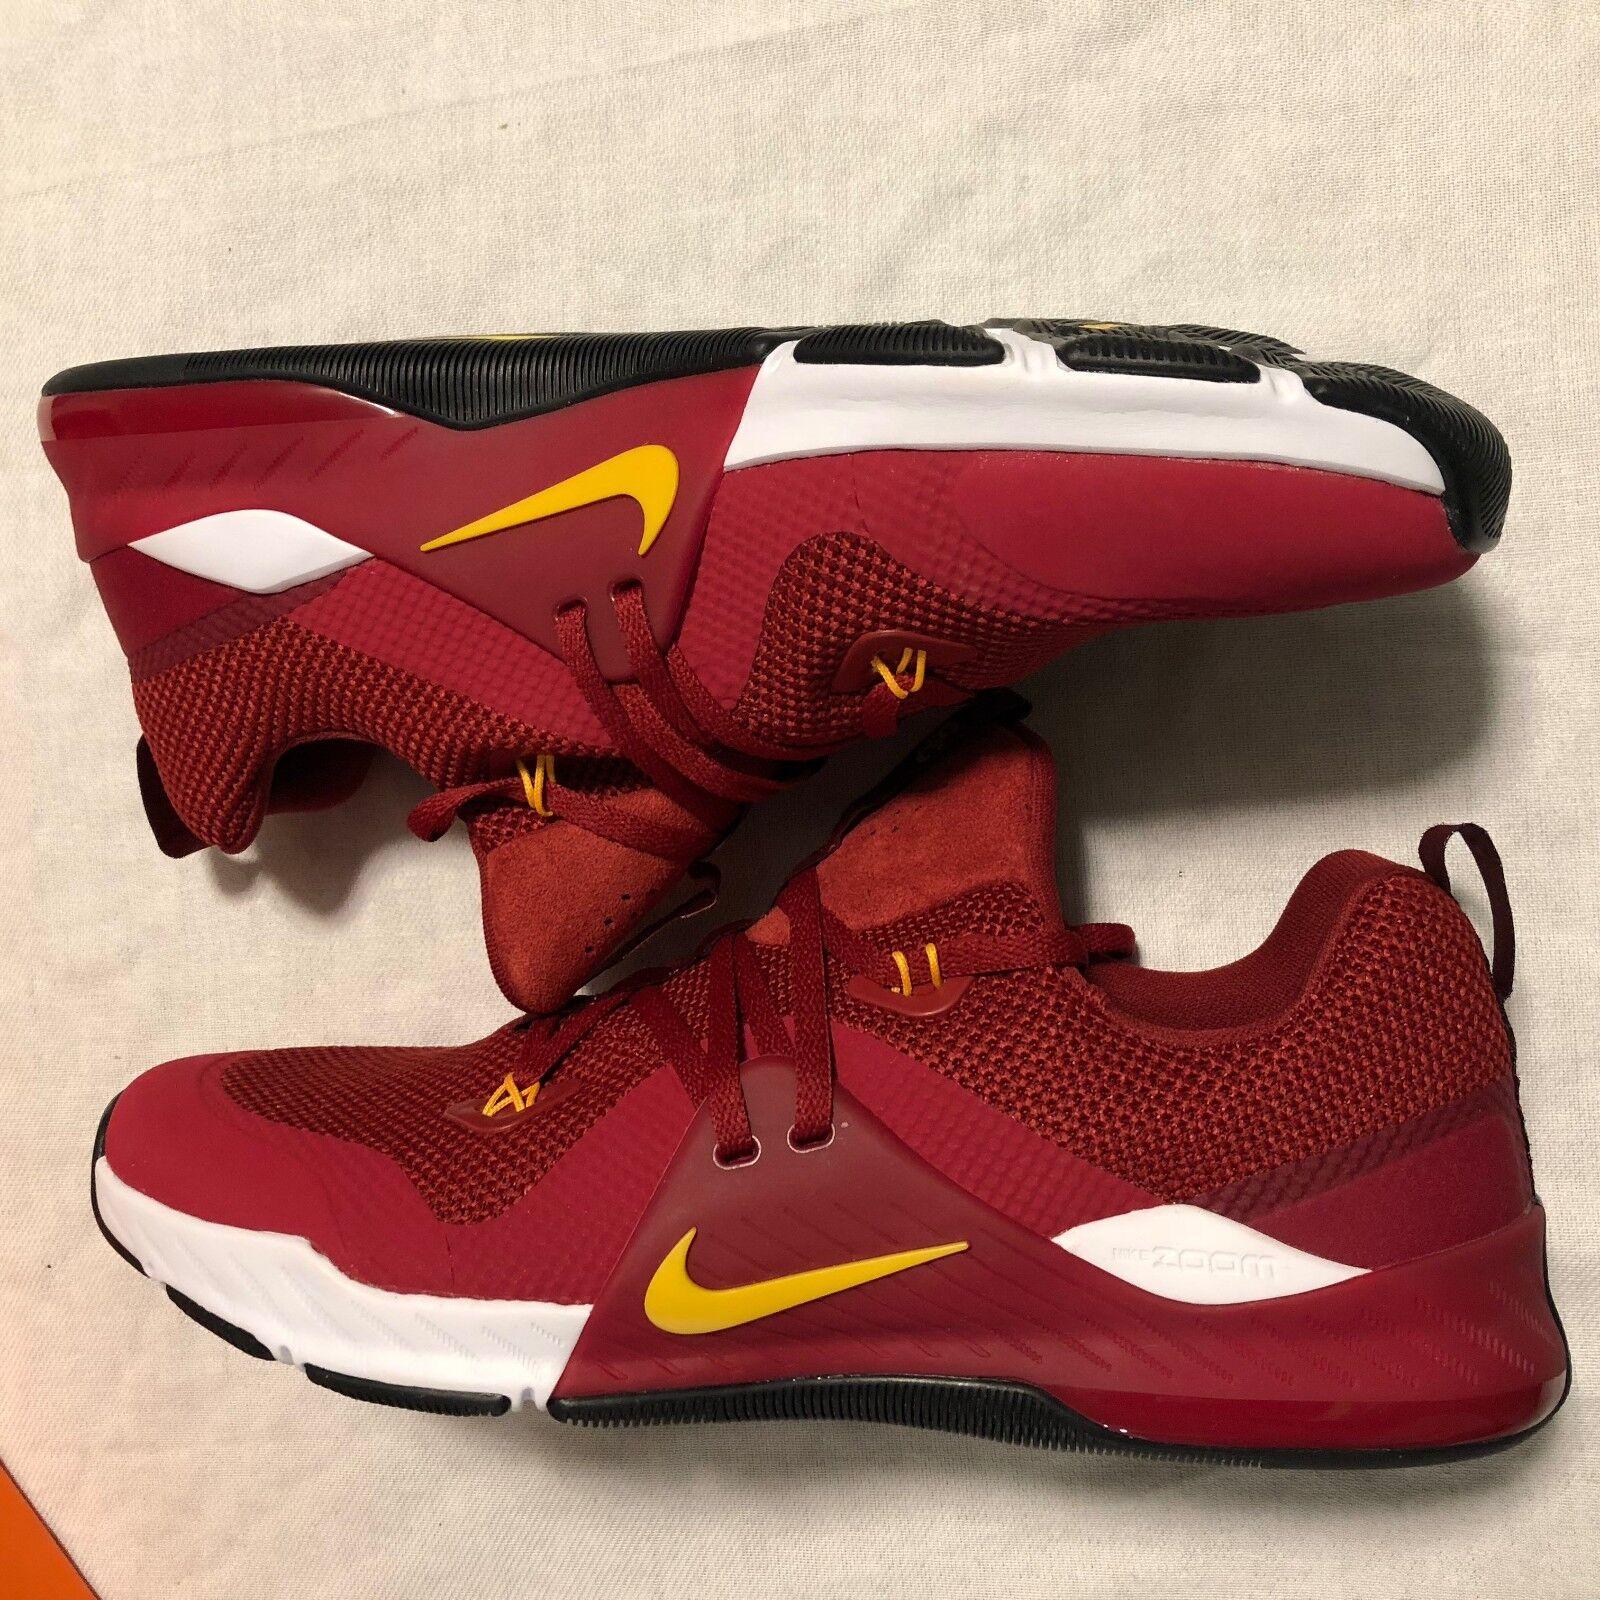 Nike USC Trojans Zoom Train Command AO4397-671 AO4397-671 AO4397-671 SZ 12 NO BOX LID 4a81d0